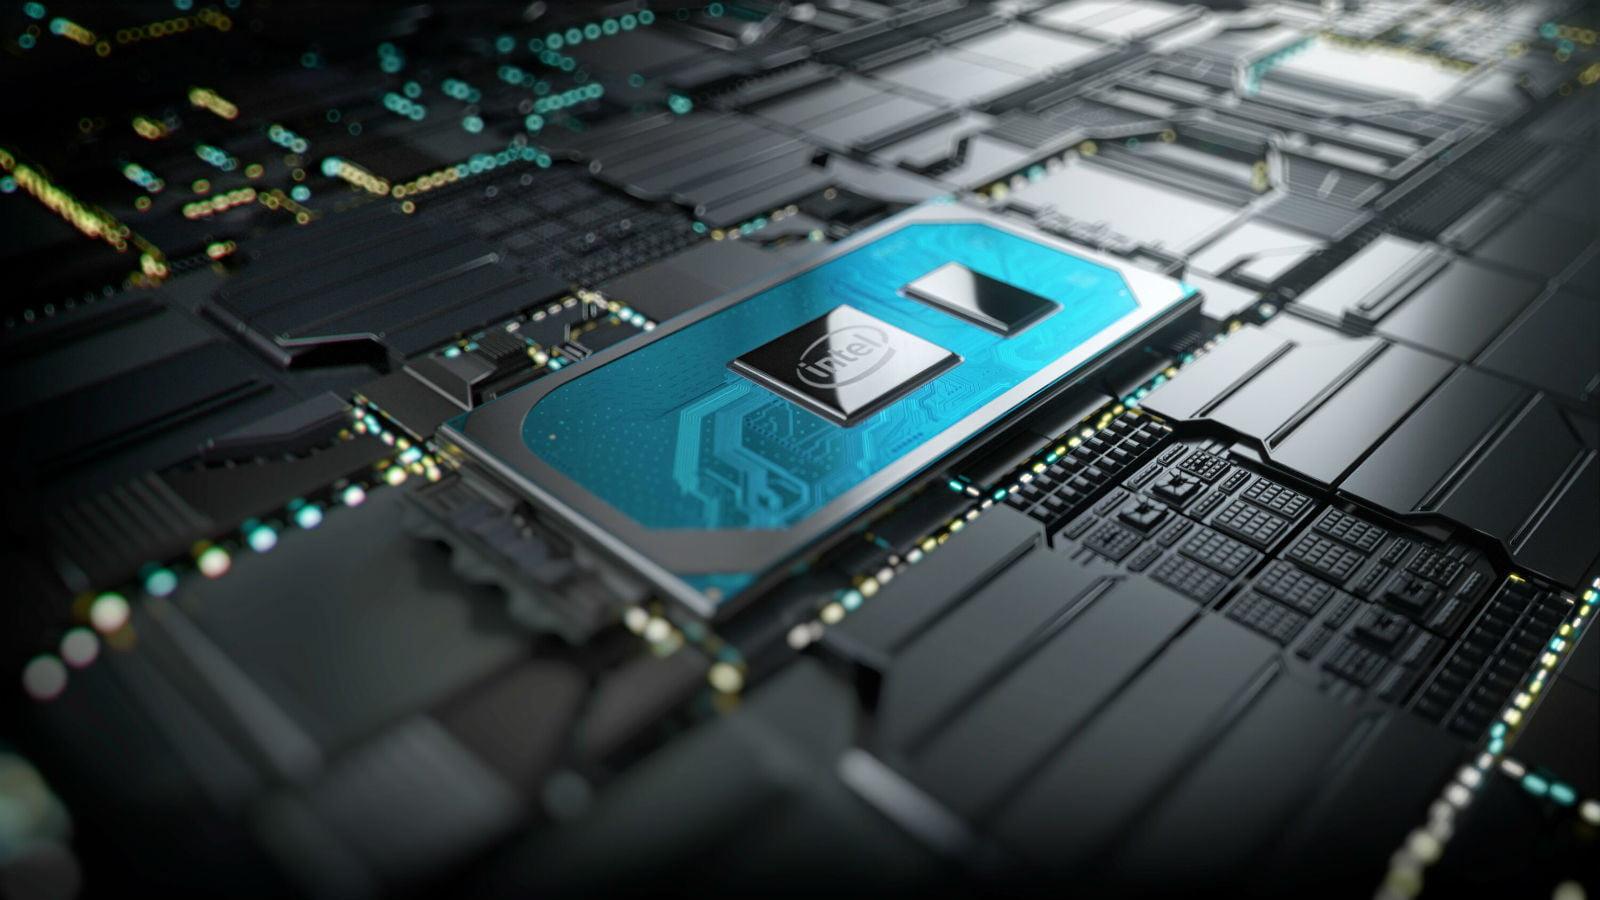 Intel oficjalnie zaprezentował Ice Lake dla laptopów - doczekaliśmy się 10 nm i dwa razy szybszej grafiki 23